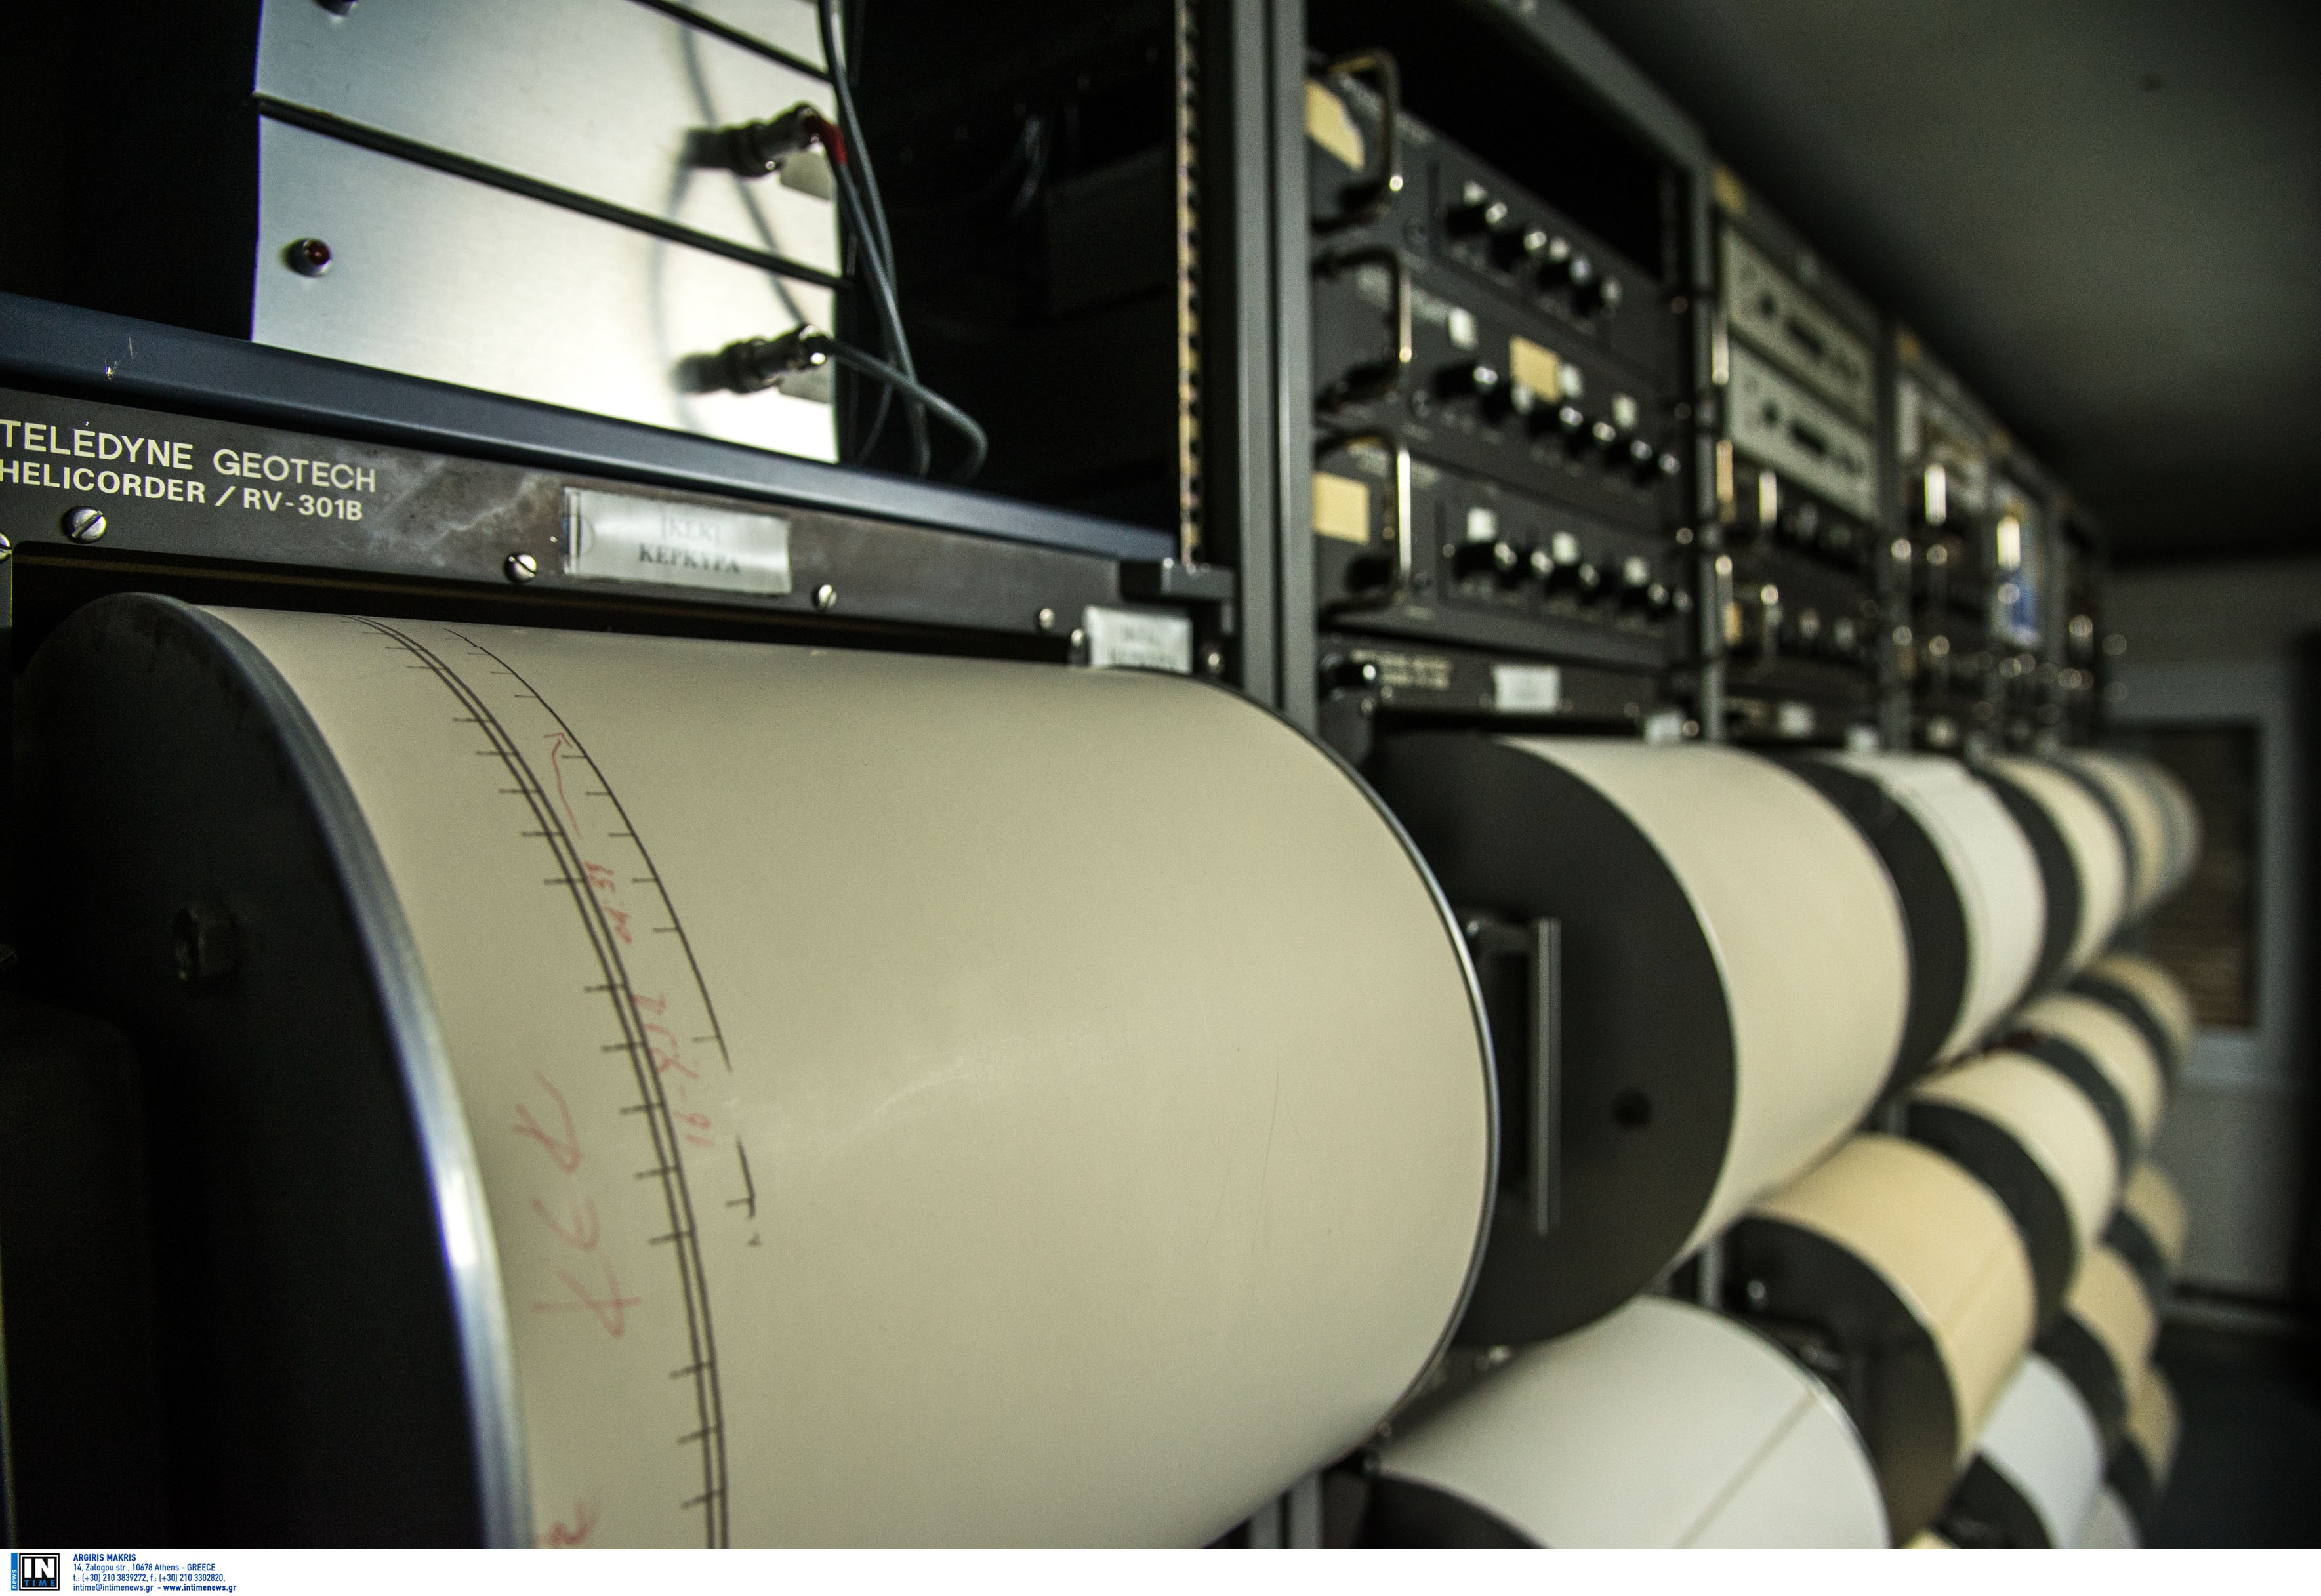 Σεισμός 3,9 ρίχτερ νότια της Ιεράπετρας – 17,1 χιλιόμετρα εστιακό βάθος